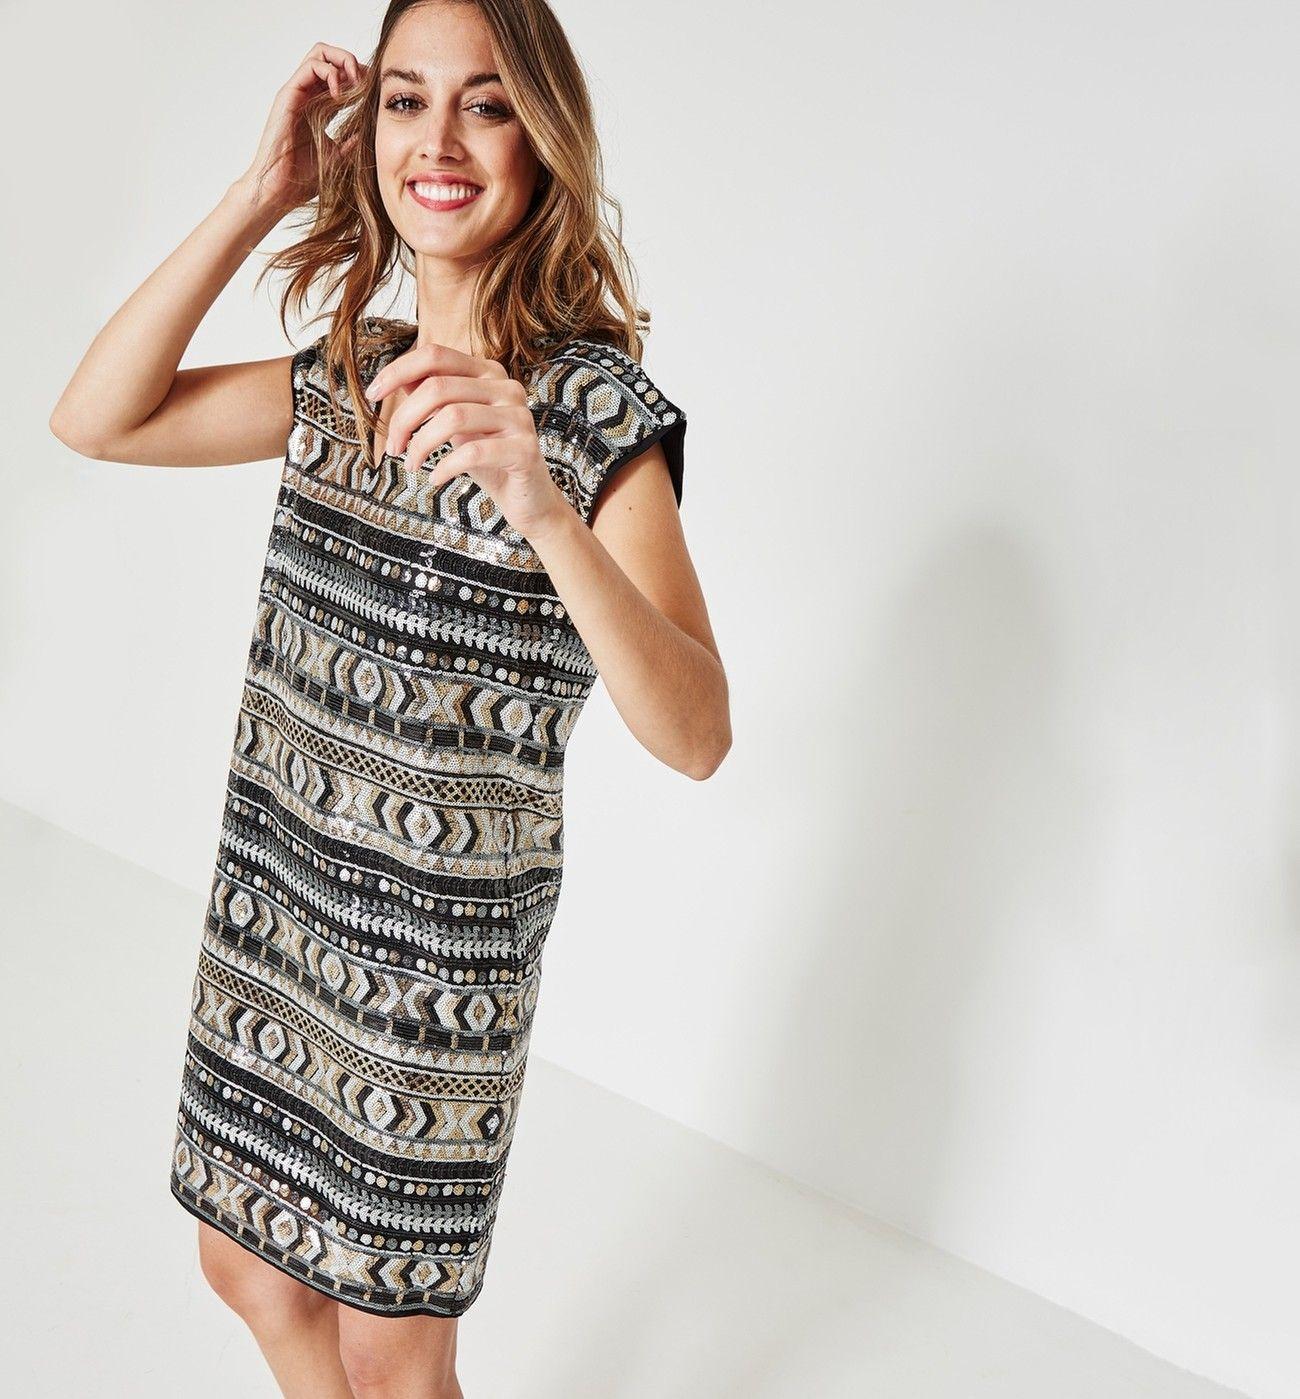 Imprimé À Sequins Robes Femme Promod Multicolore Robe O8mNnv0w